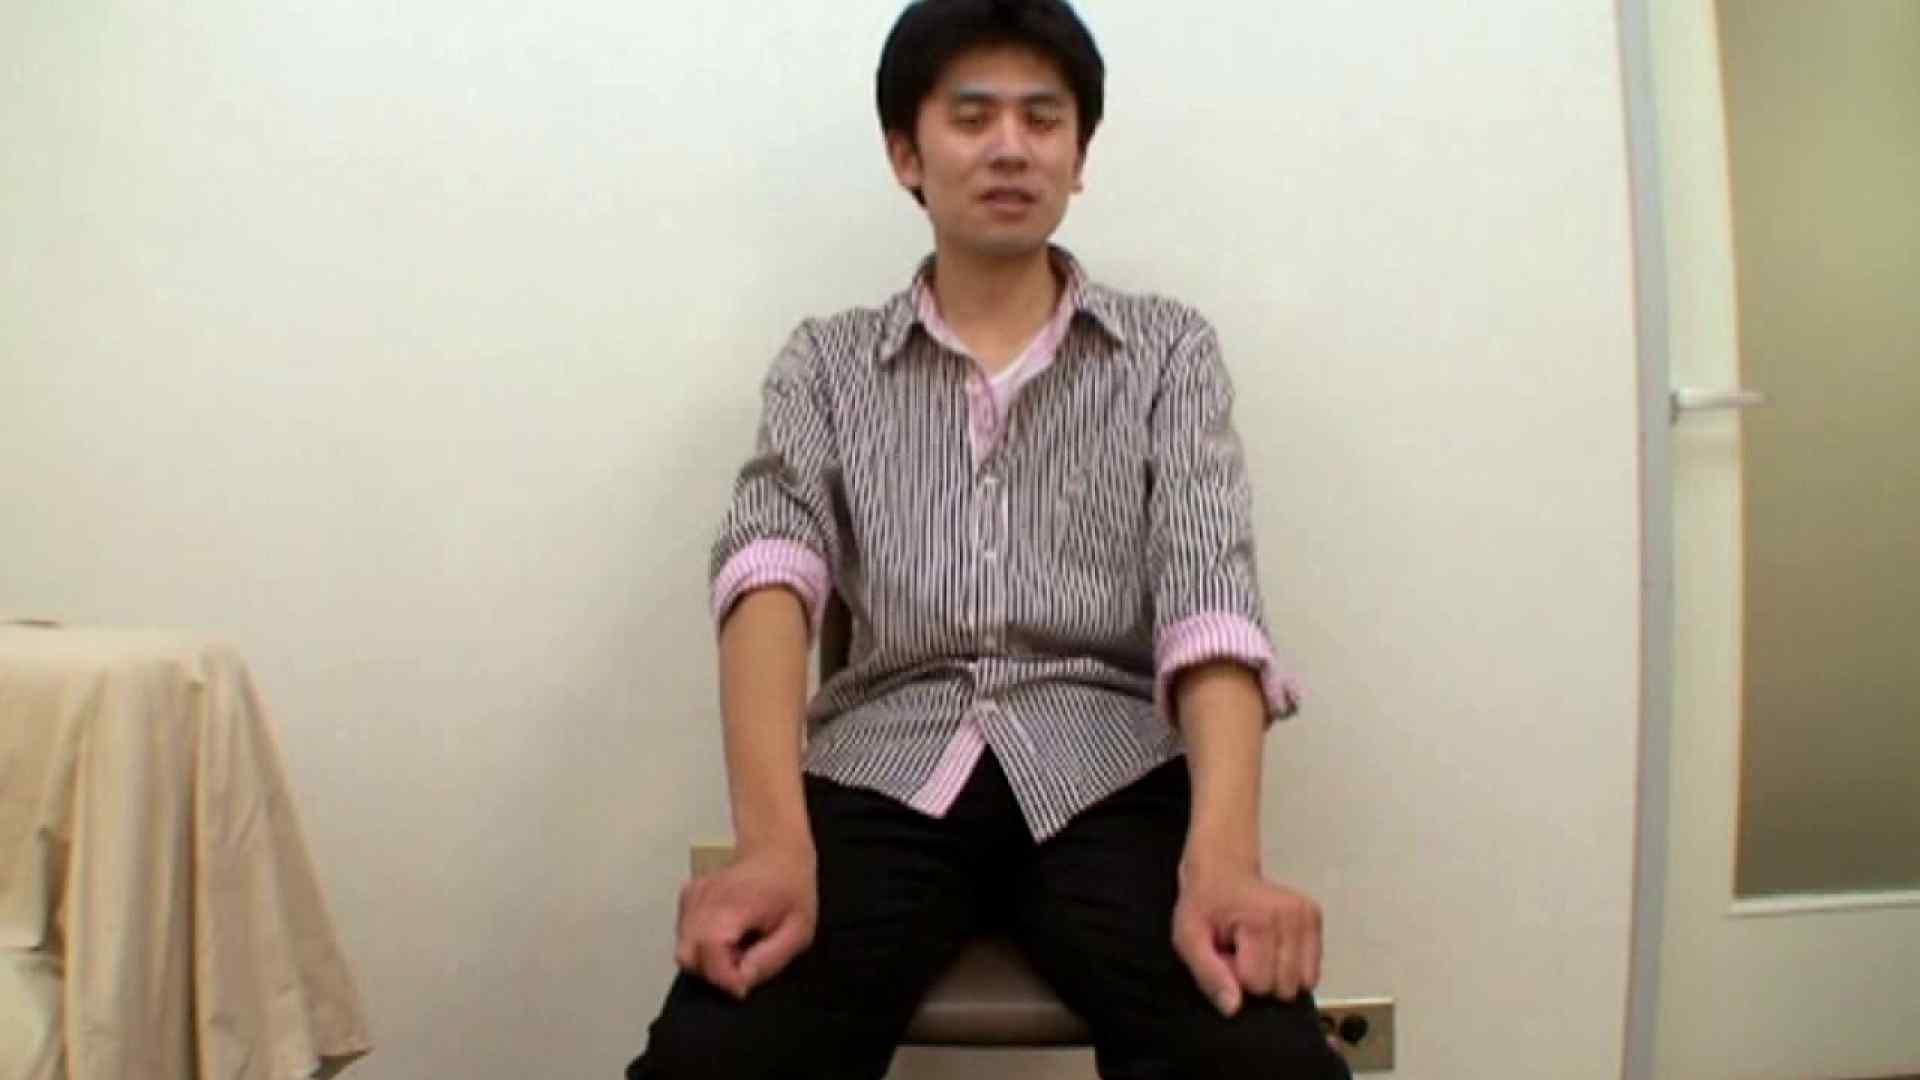 ノンケ!自慰スタジオ No.32 自慰  92pic 28